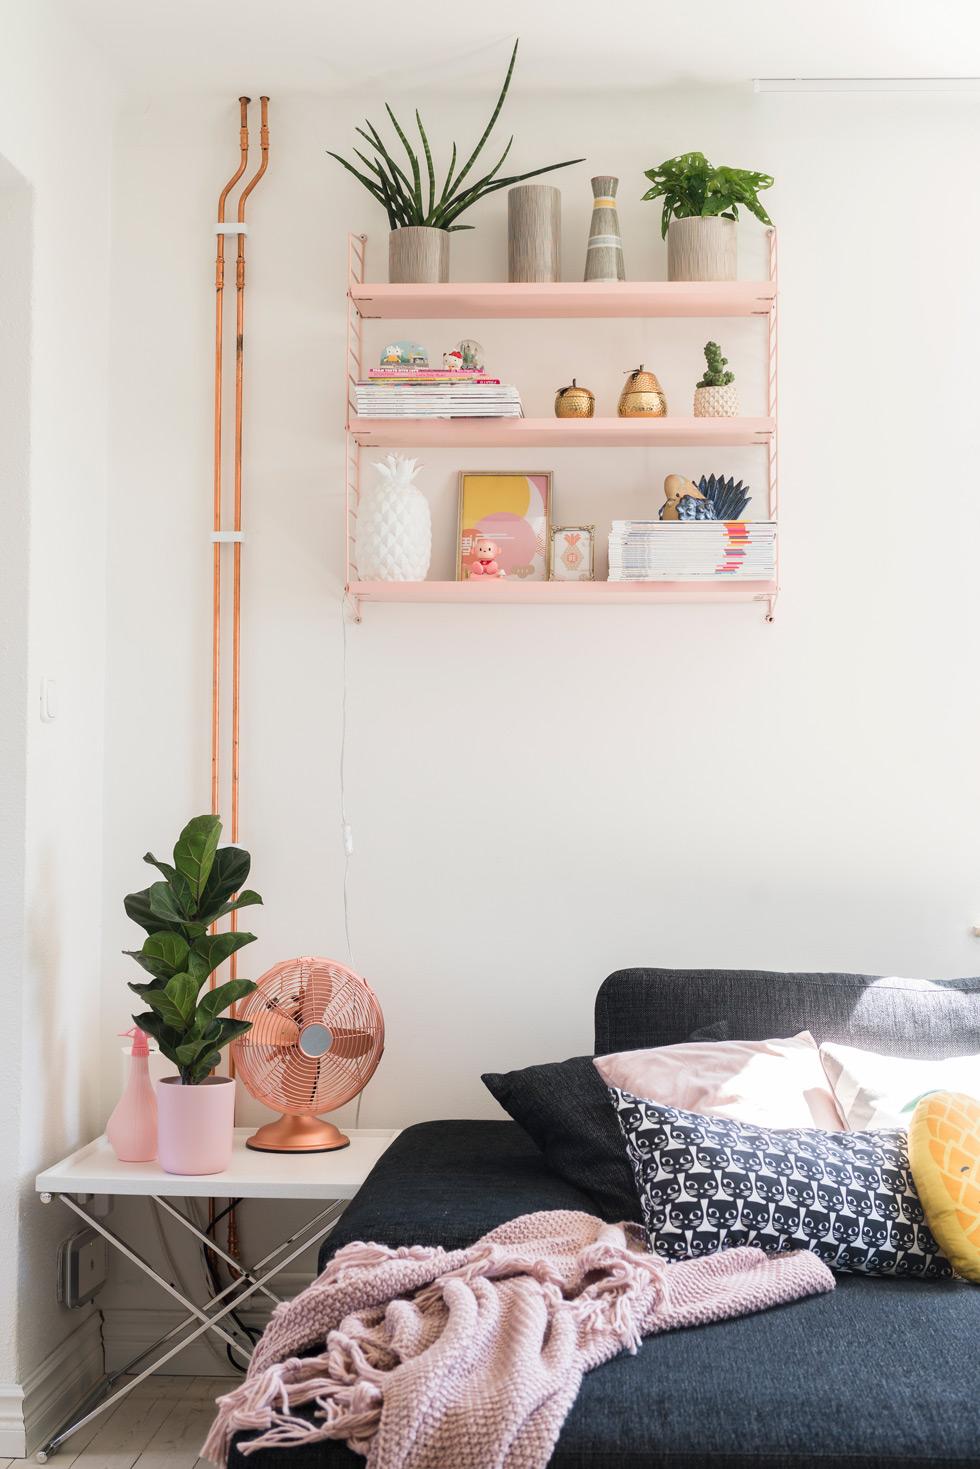 Ovanför soffan finns en rosa stringhylla.